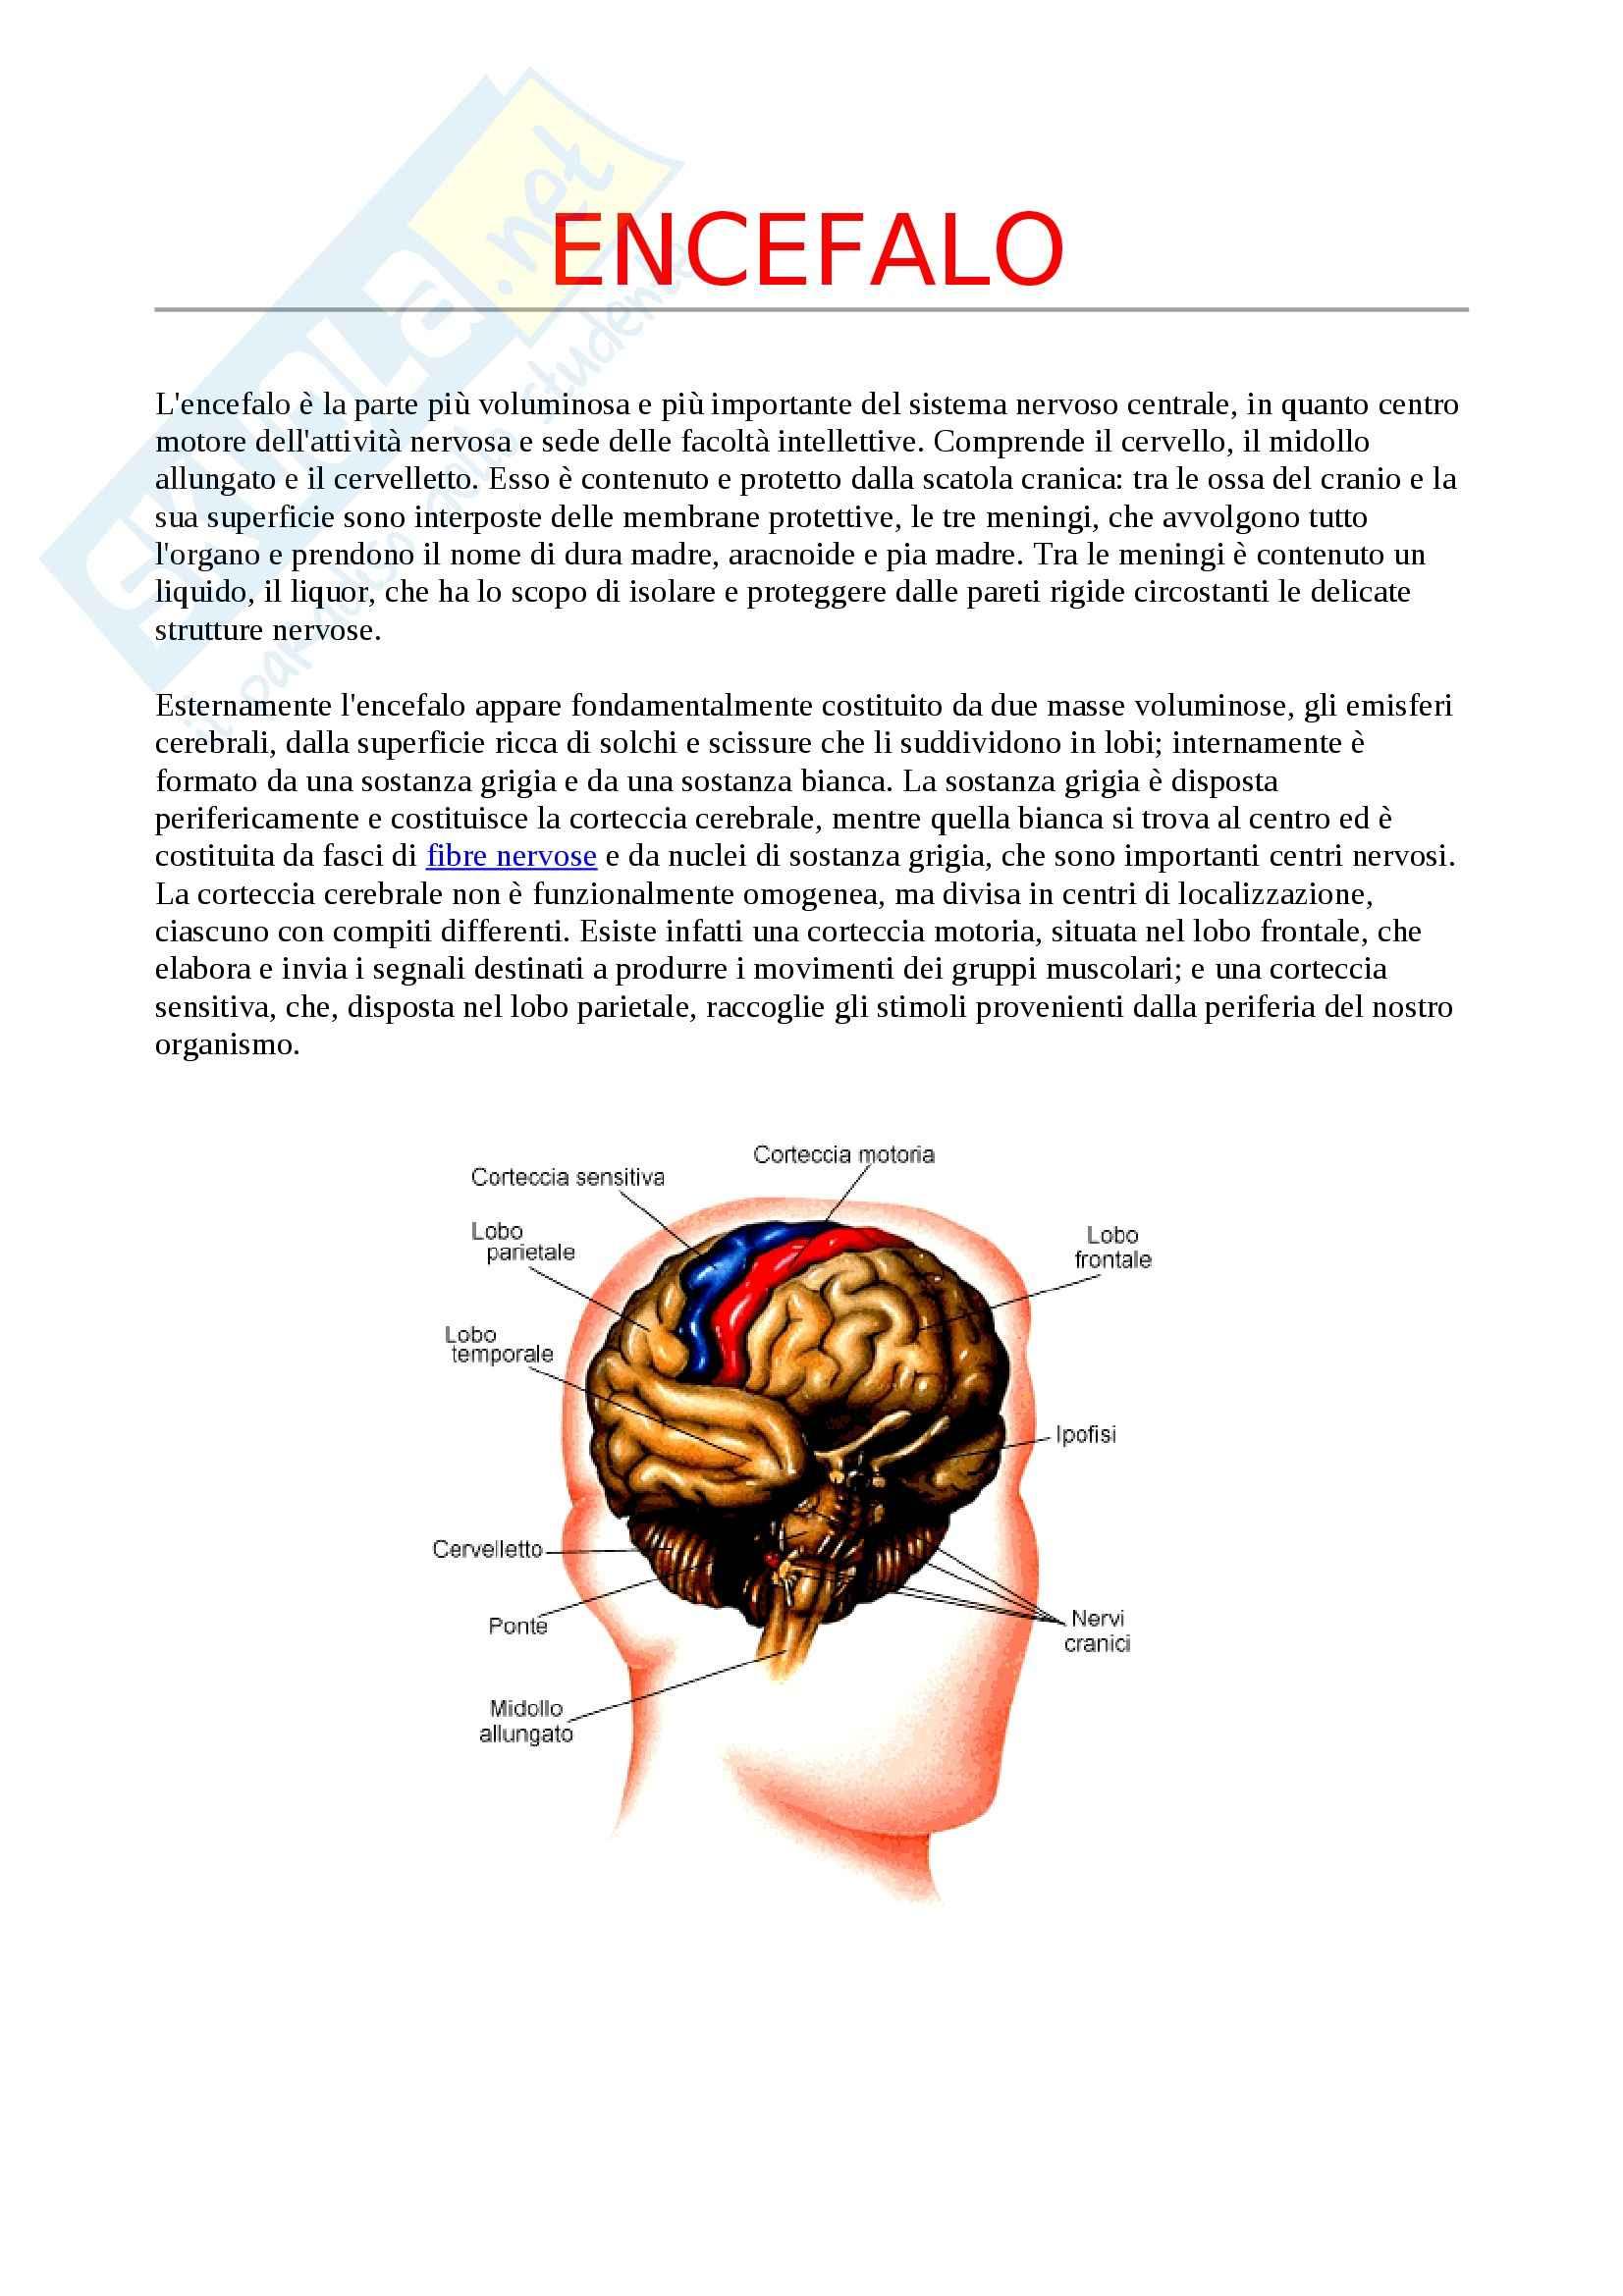 Struttura e funzionamento del sistema nervoso - l'encefalo